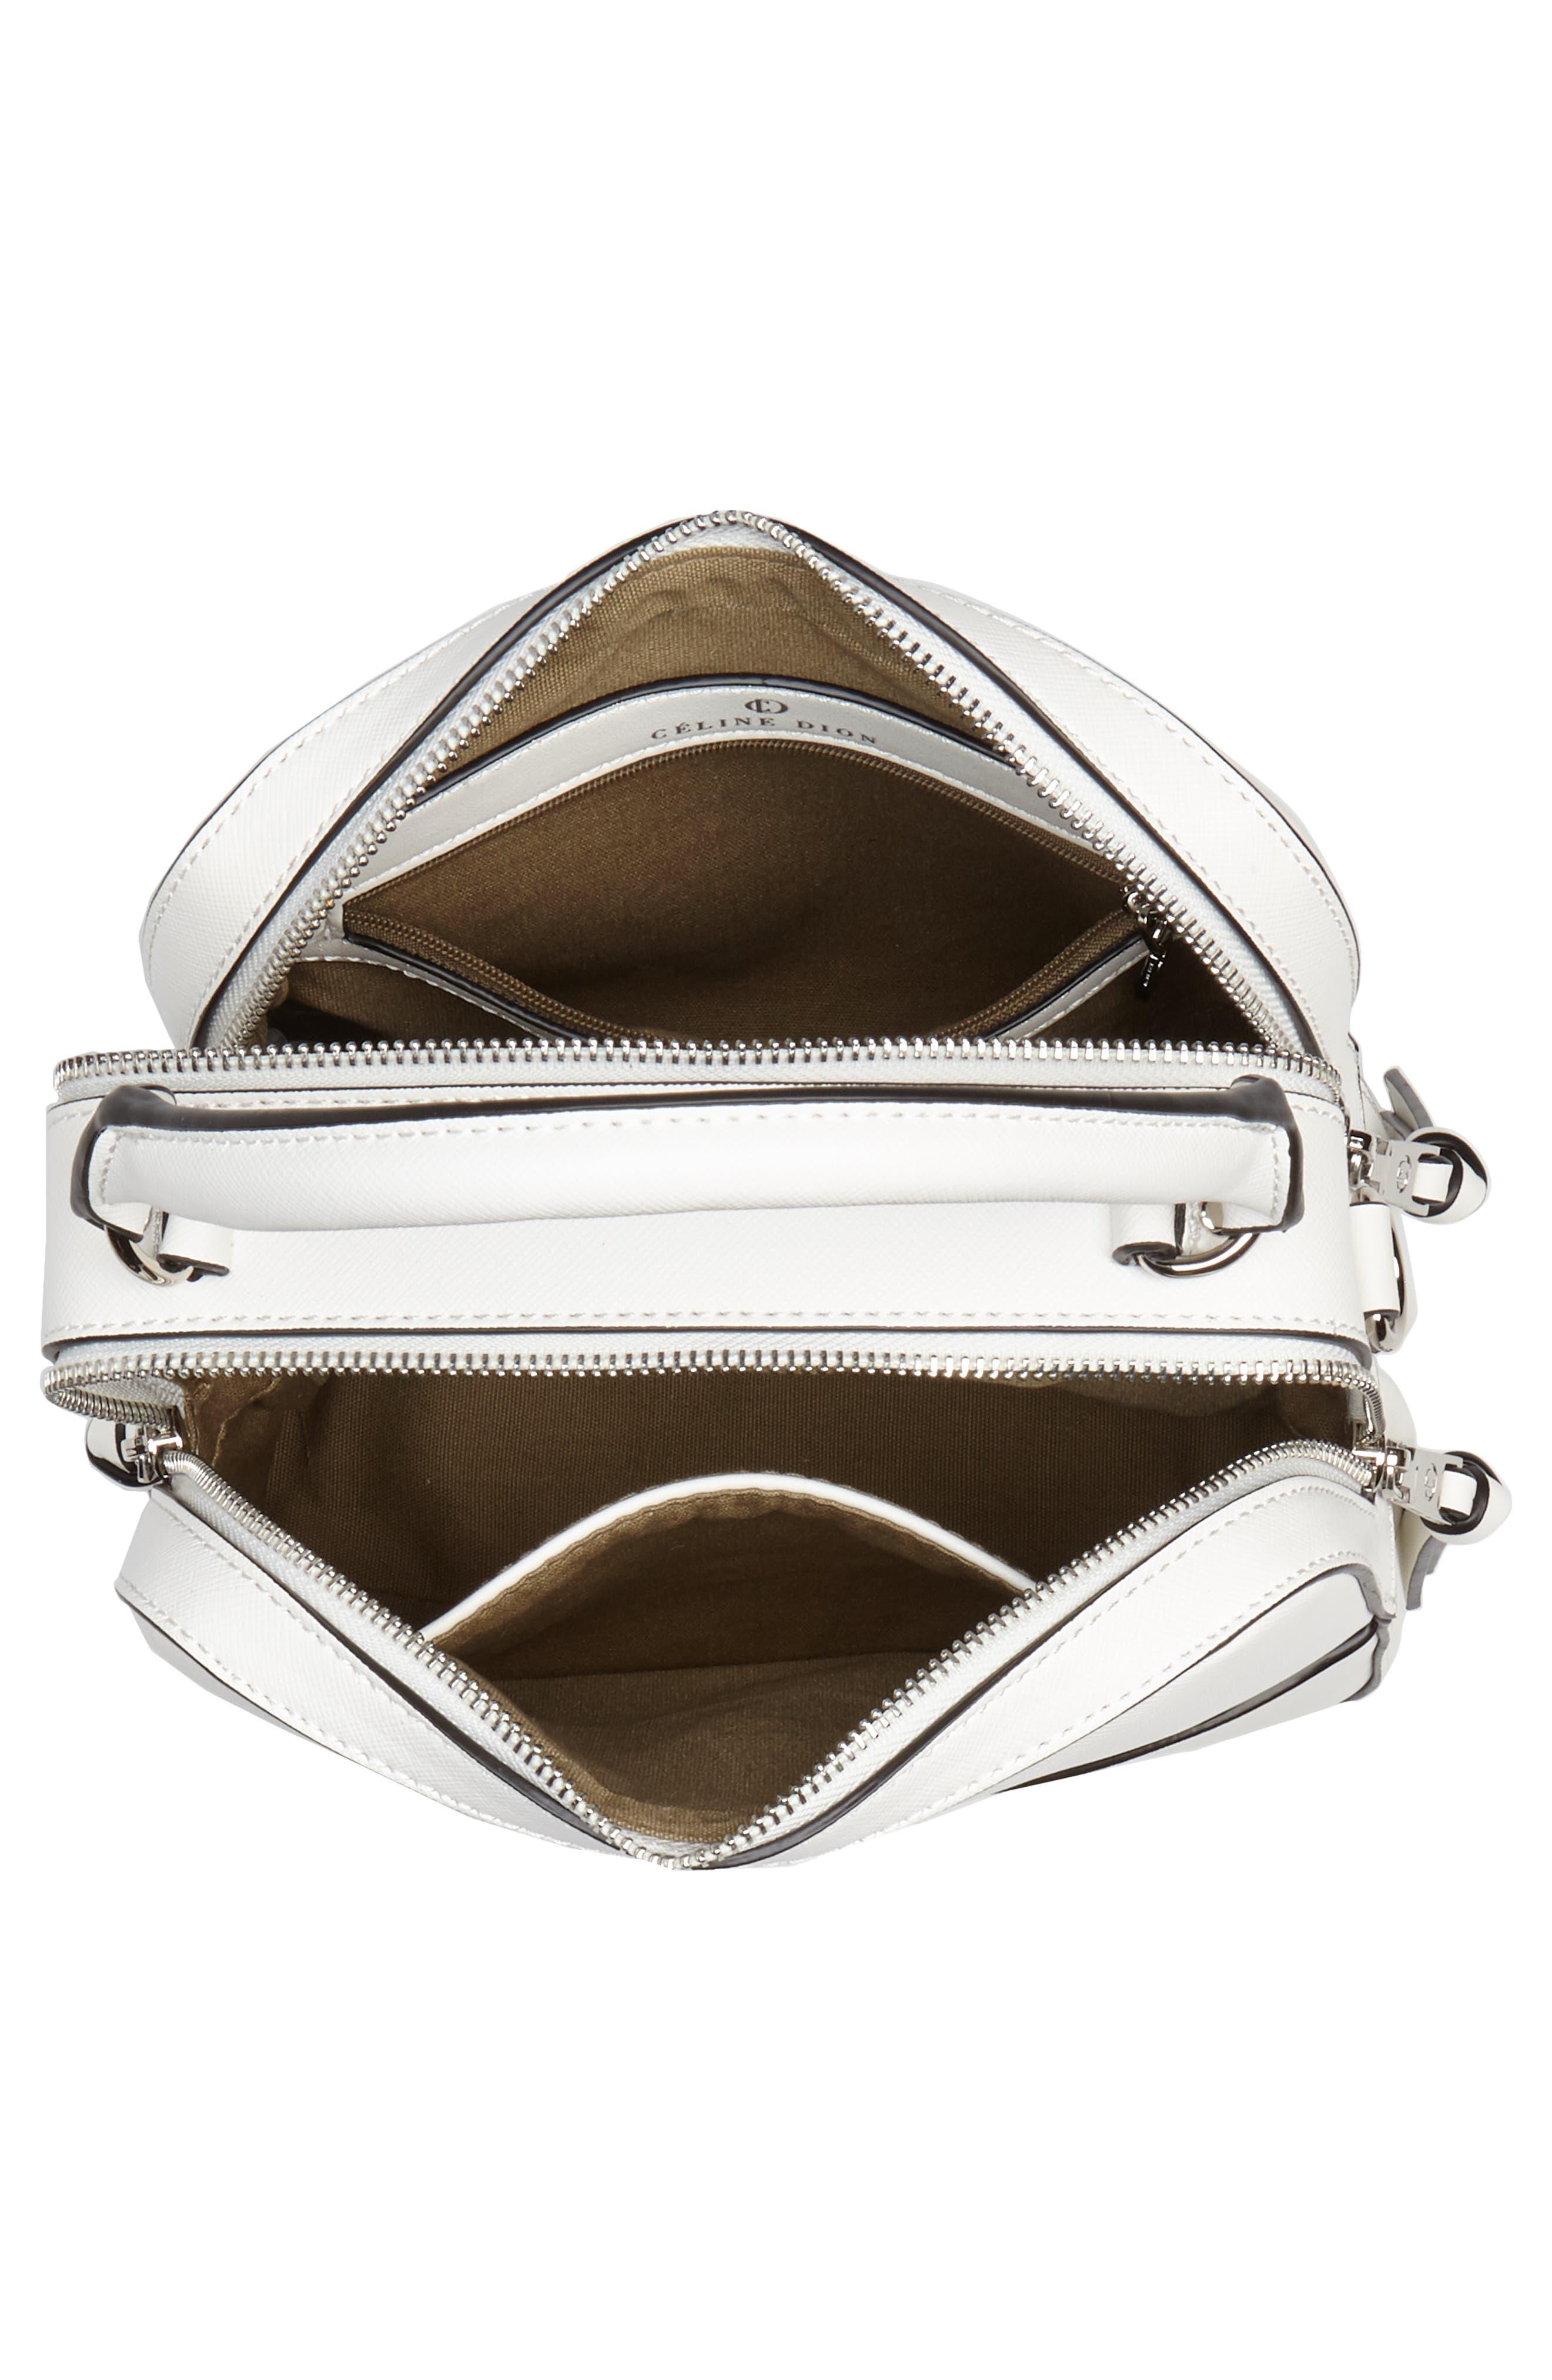 Céline Dion Motif Top Handle Leather Satchel,                             Alternate thumbnail 12, color,